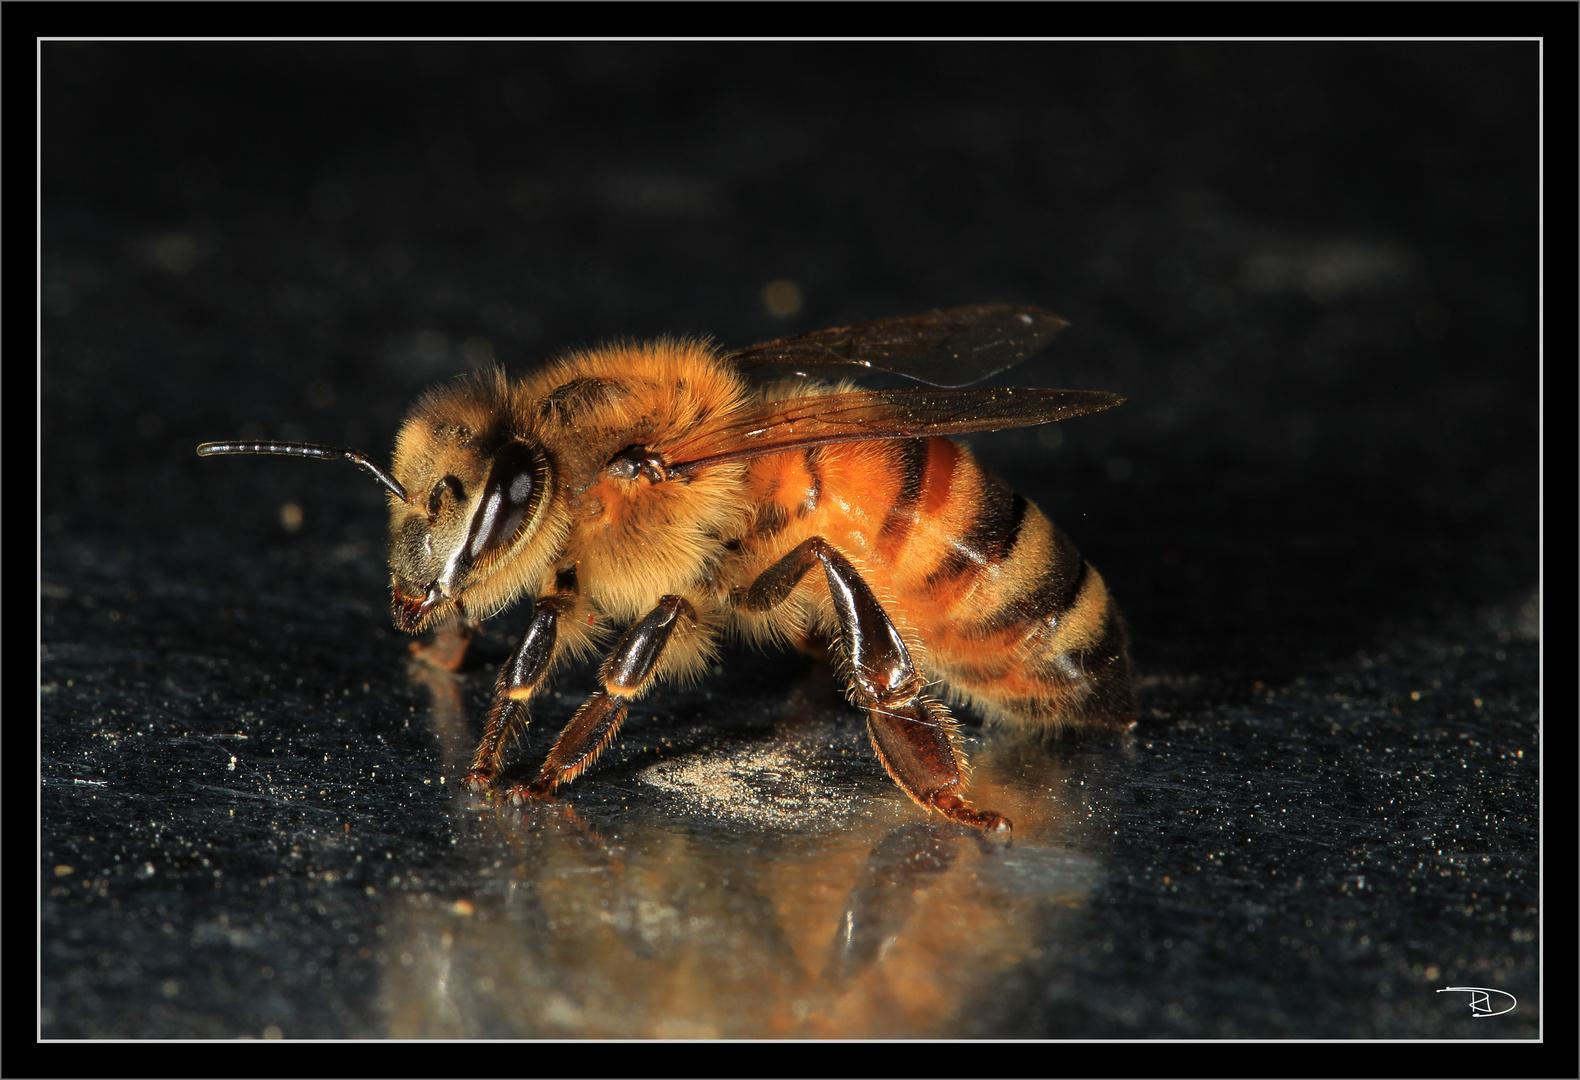 die fleissige Biene auf abwegen